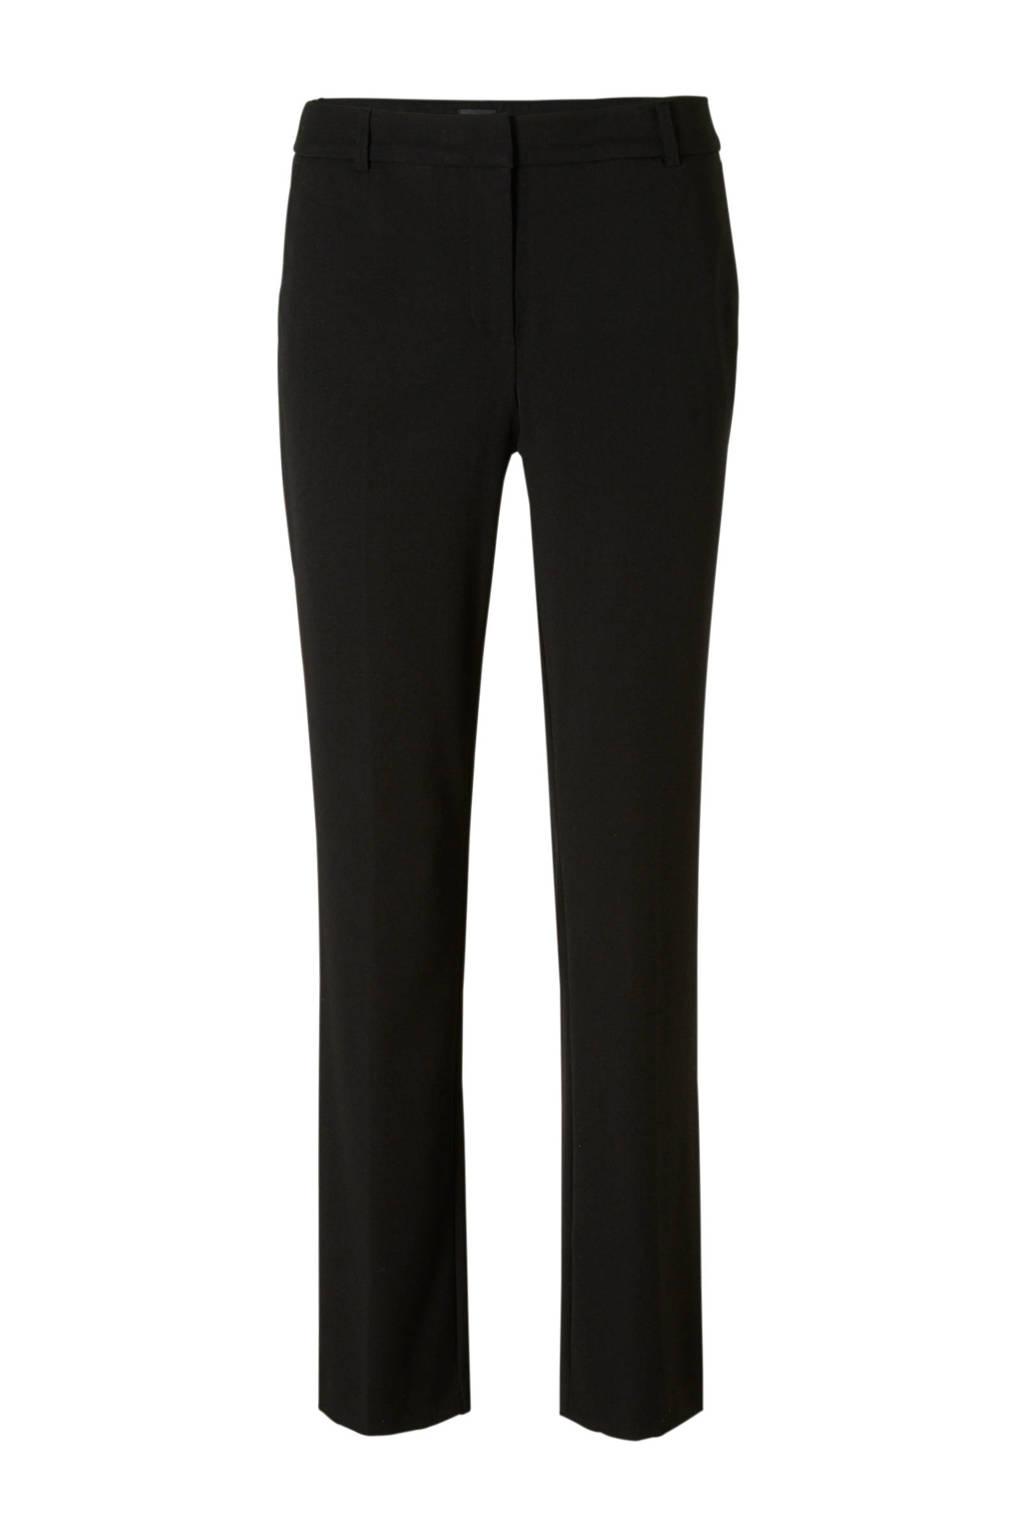 C&A YSS Shop pantalon zwart, Zwart